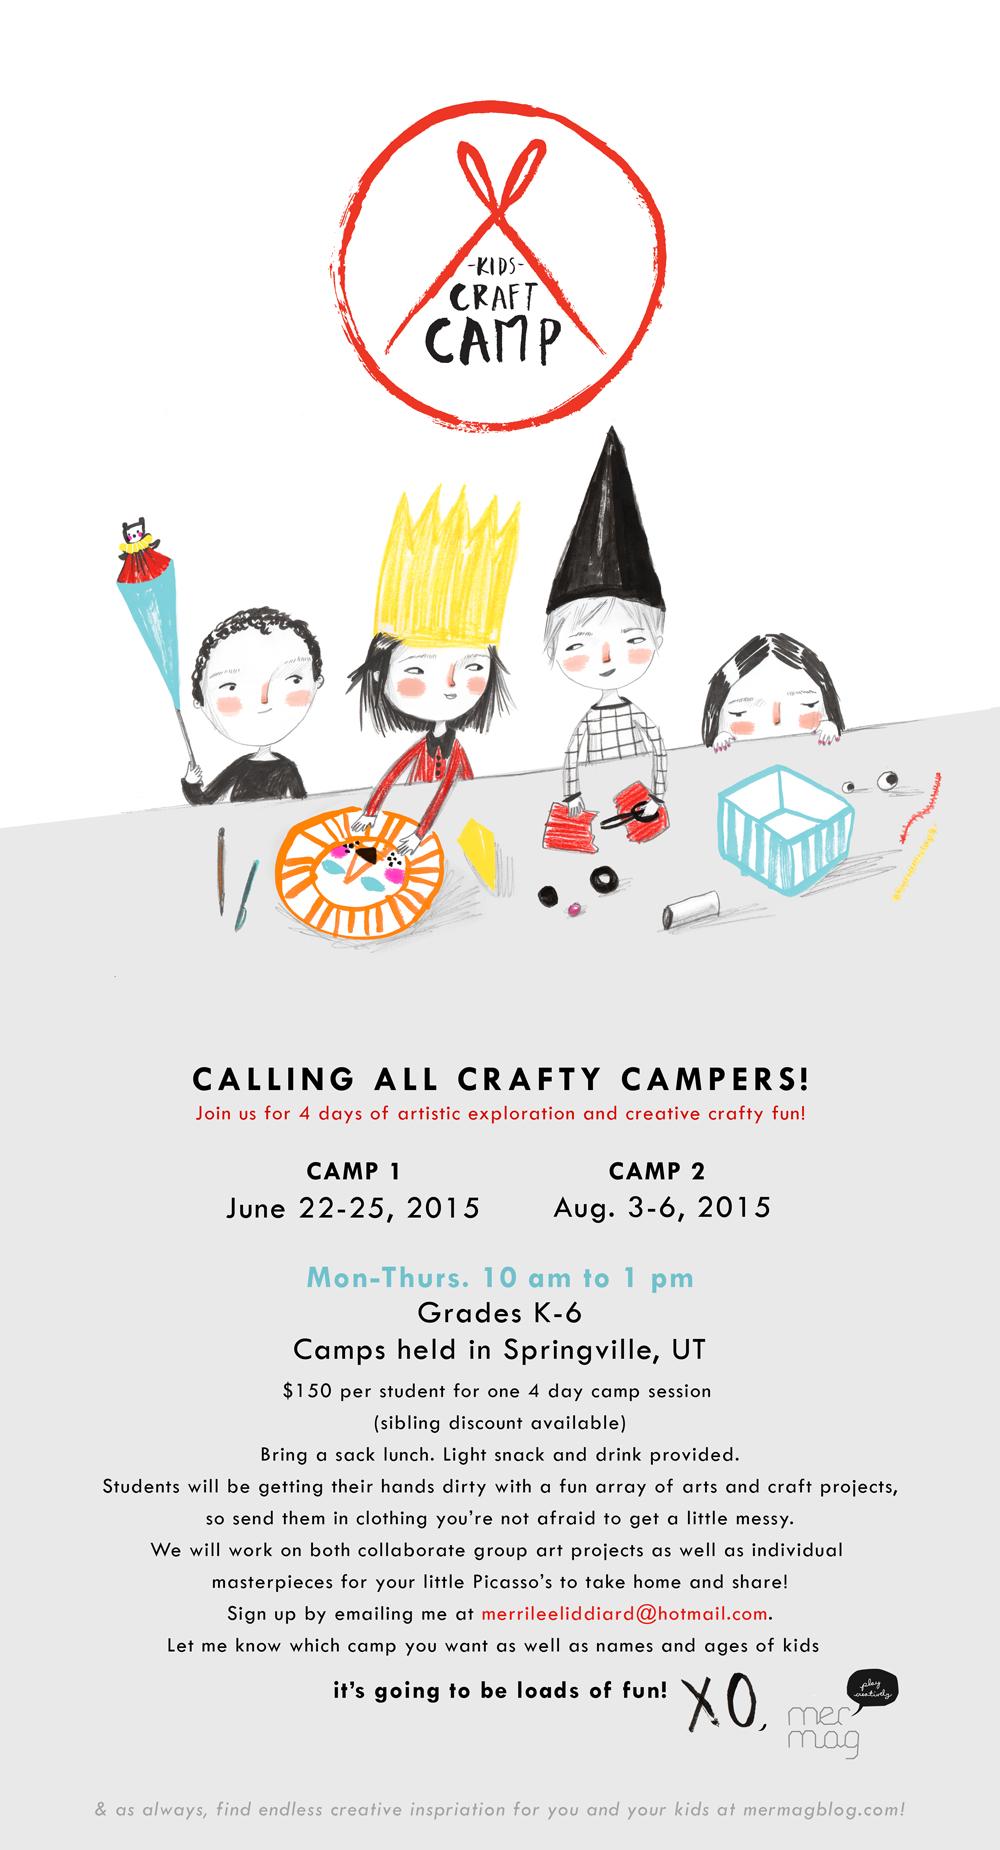 KidsCraftCampInfo